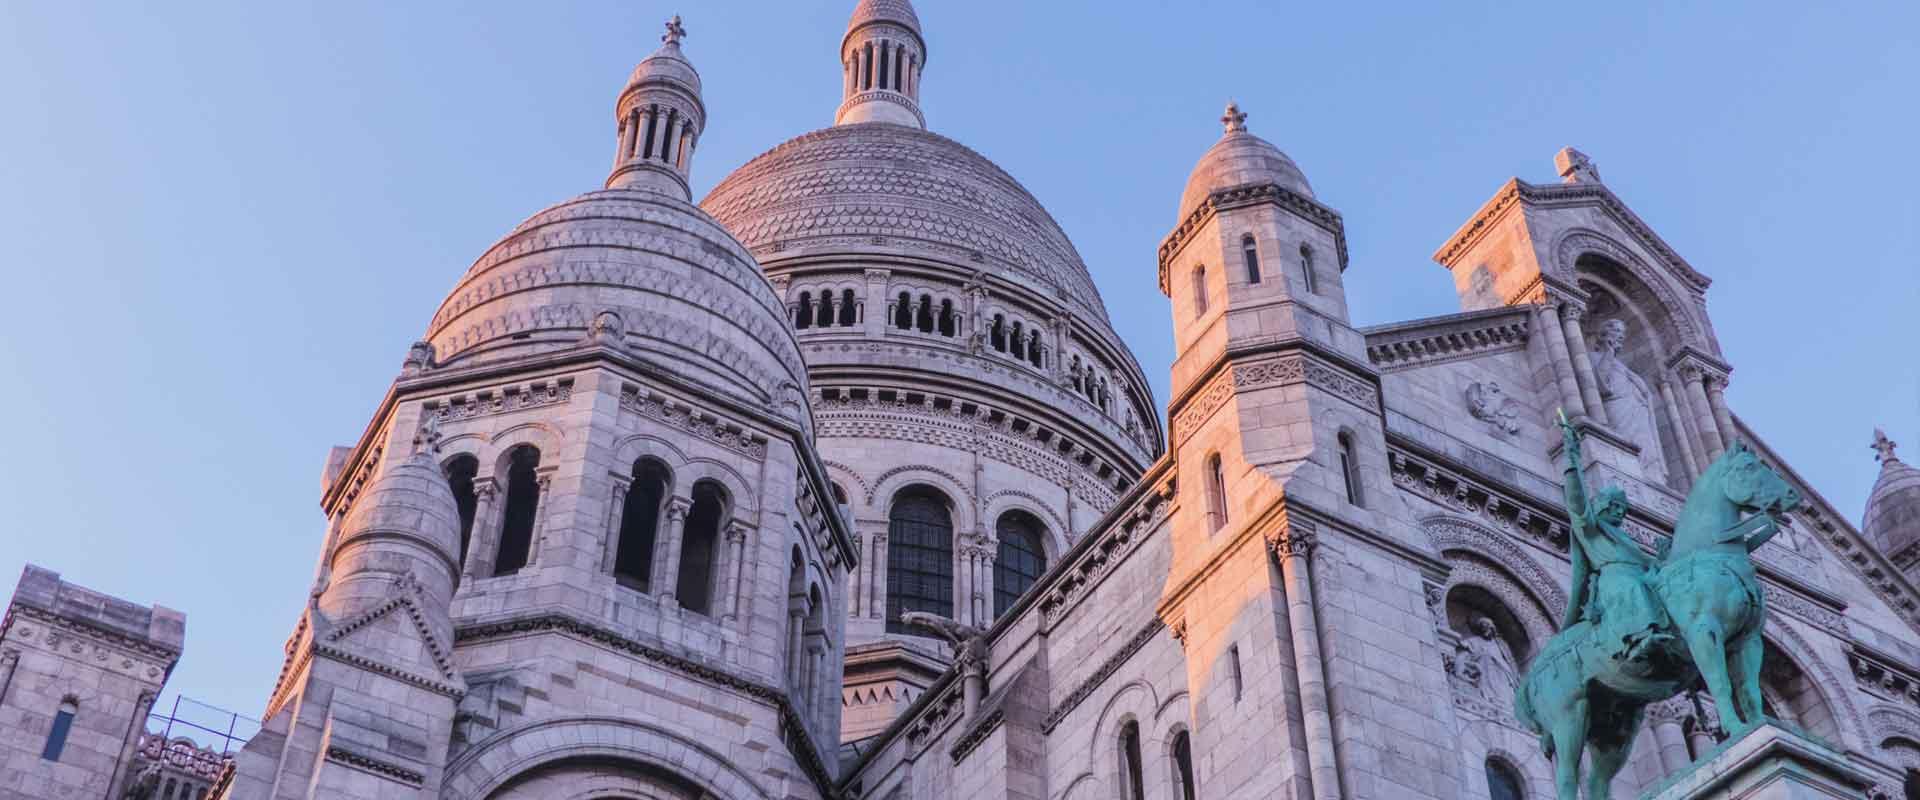 Paris du 29/12 au 01/01 : Un Nouvel An étincelant !